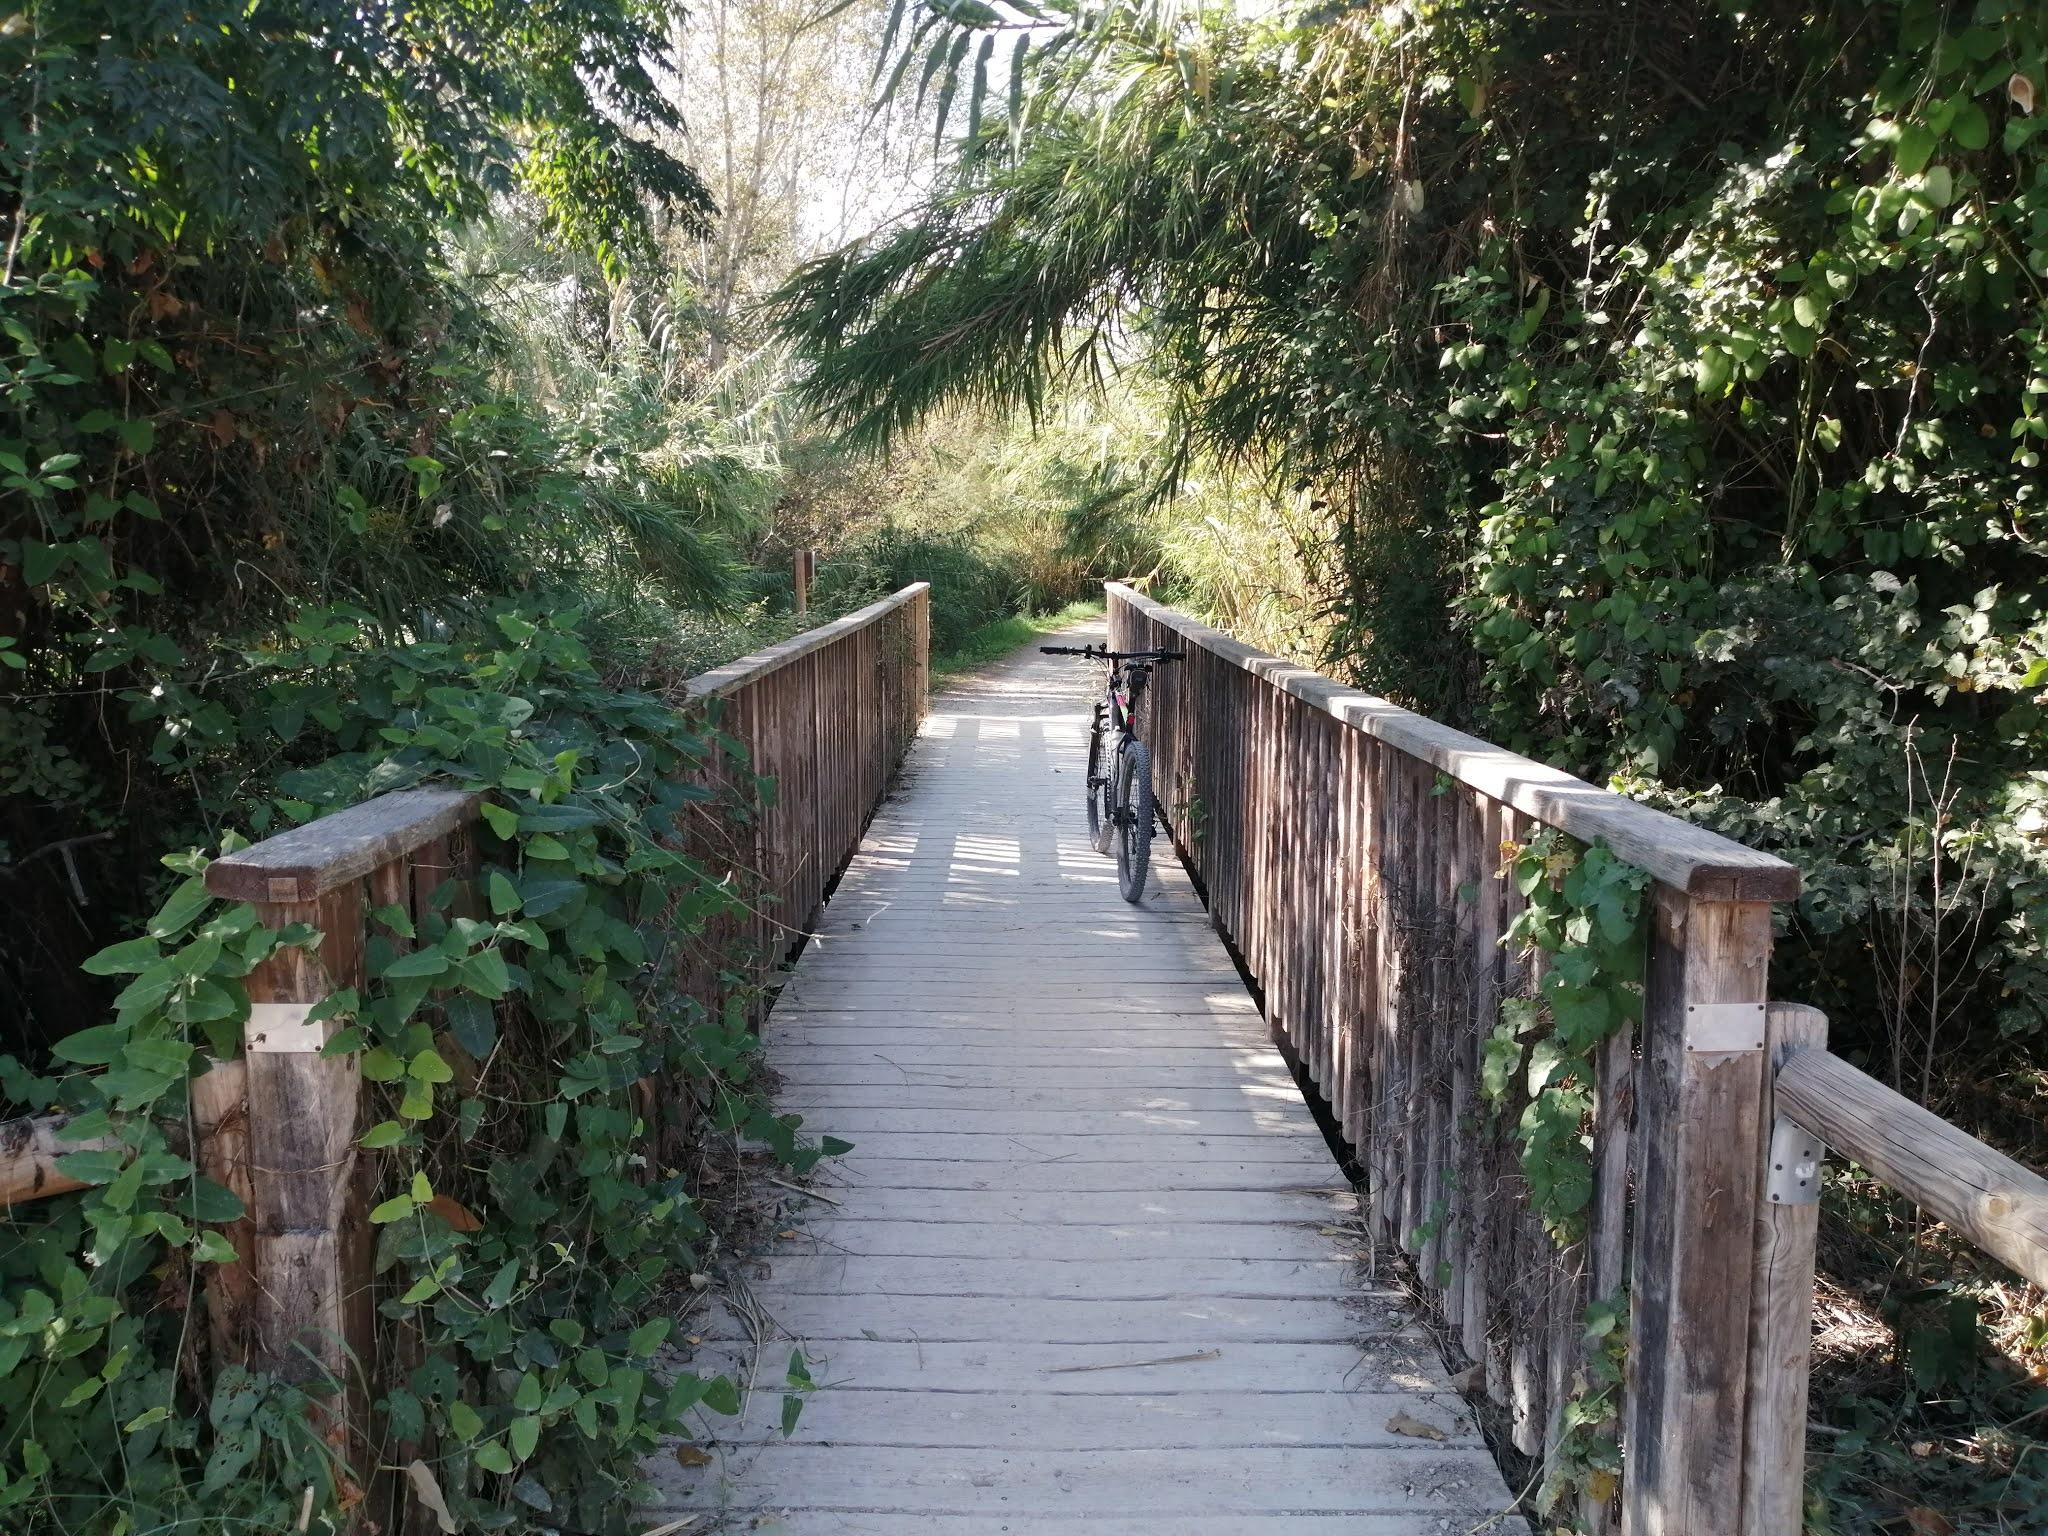 Wooden bridge over the River Turia